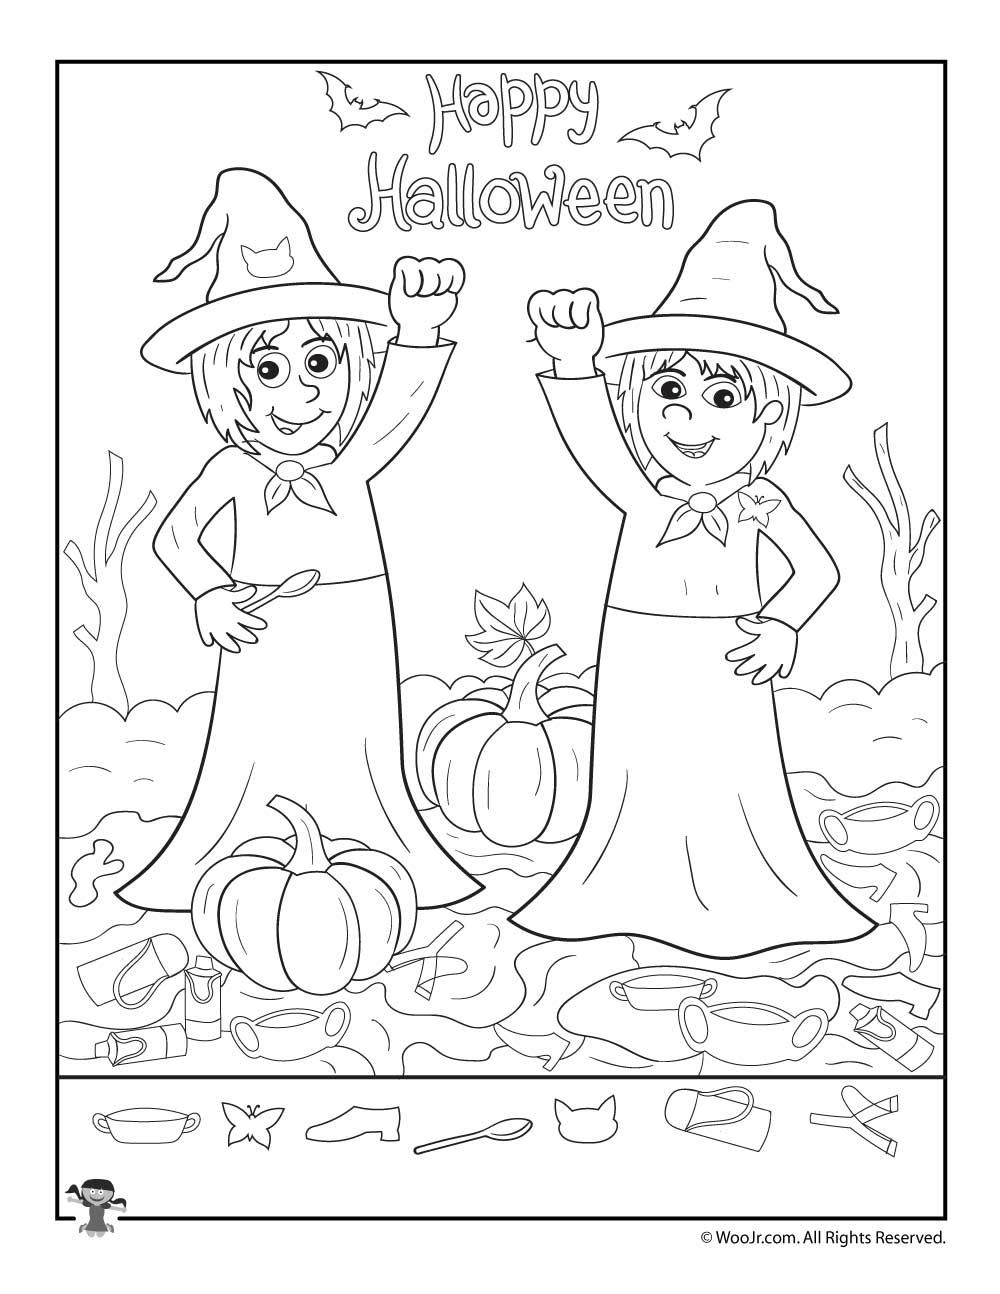 Witches Happy Halloween Hidden Items Worksheet   Woo! Jr